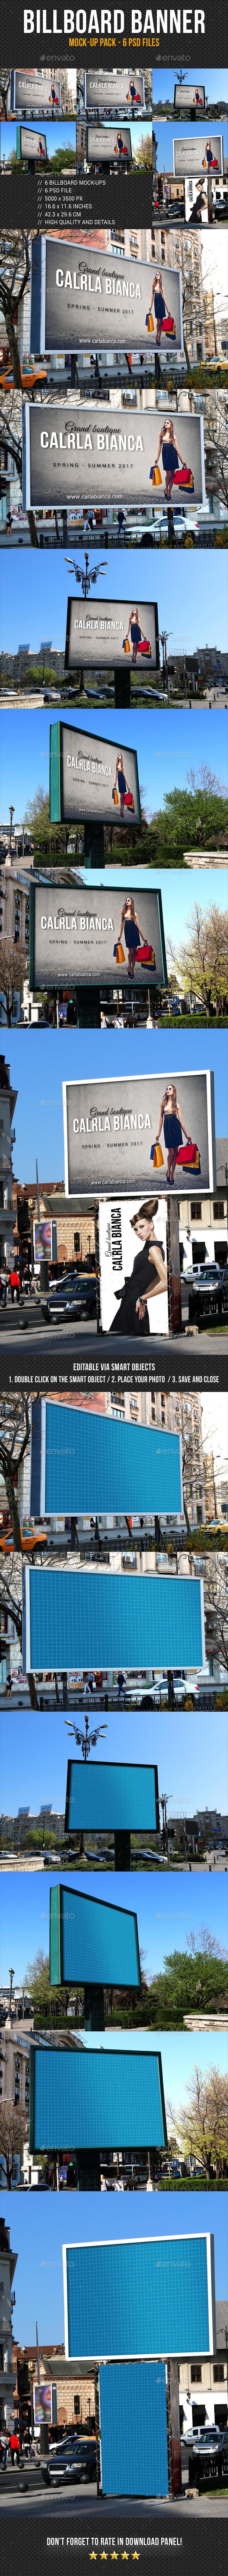 Billboard Banner Mock-Up Pack - Signage Print